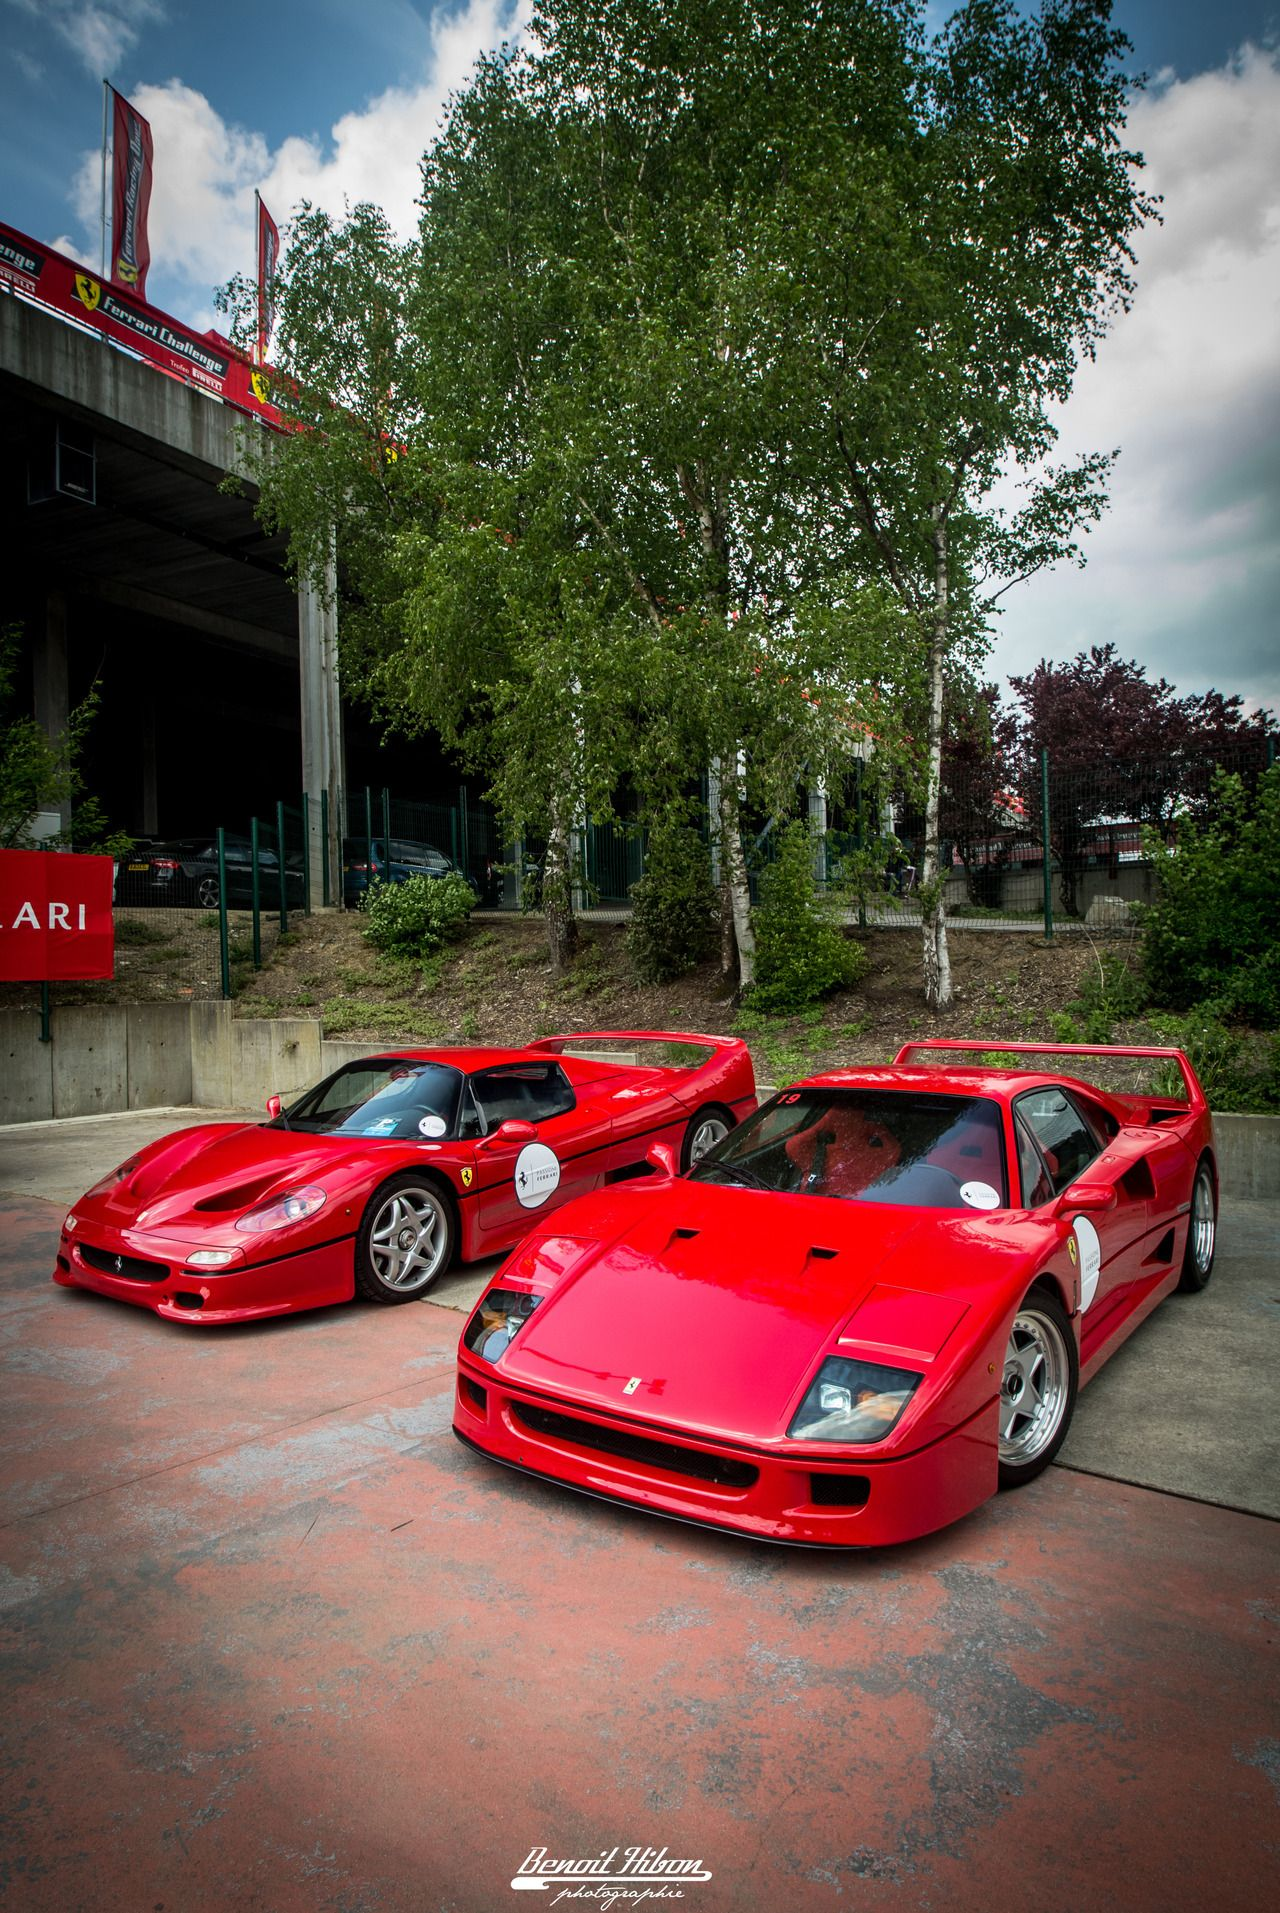 F40 F50 Latest Cars Ferrari Car Ferrari F40